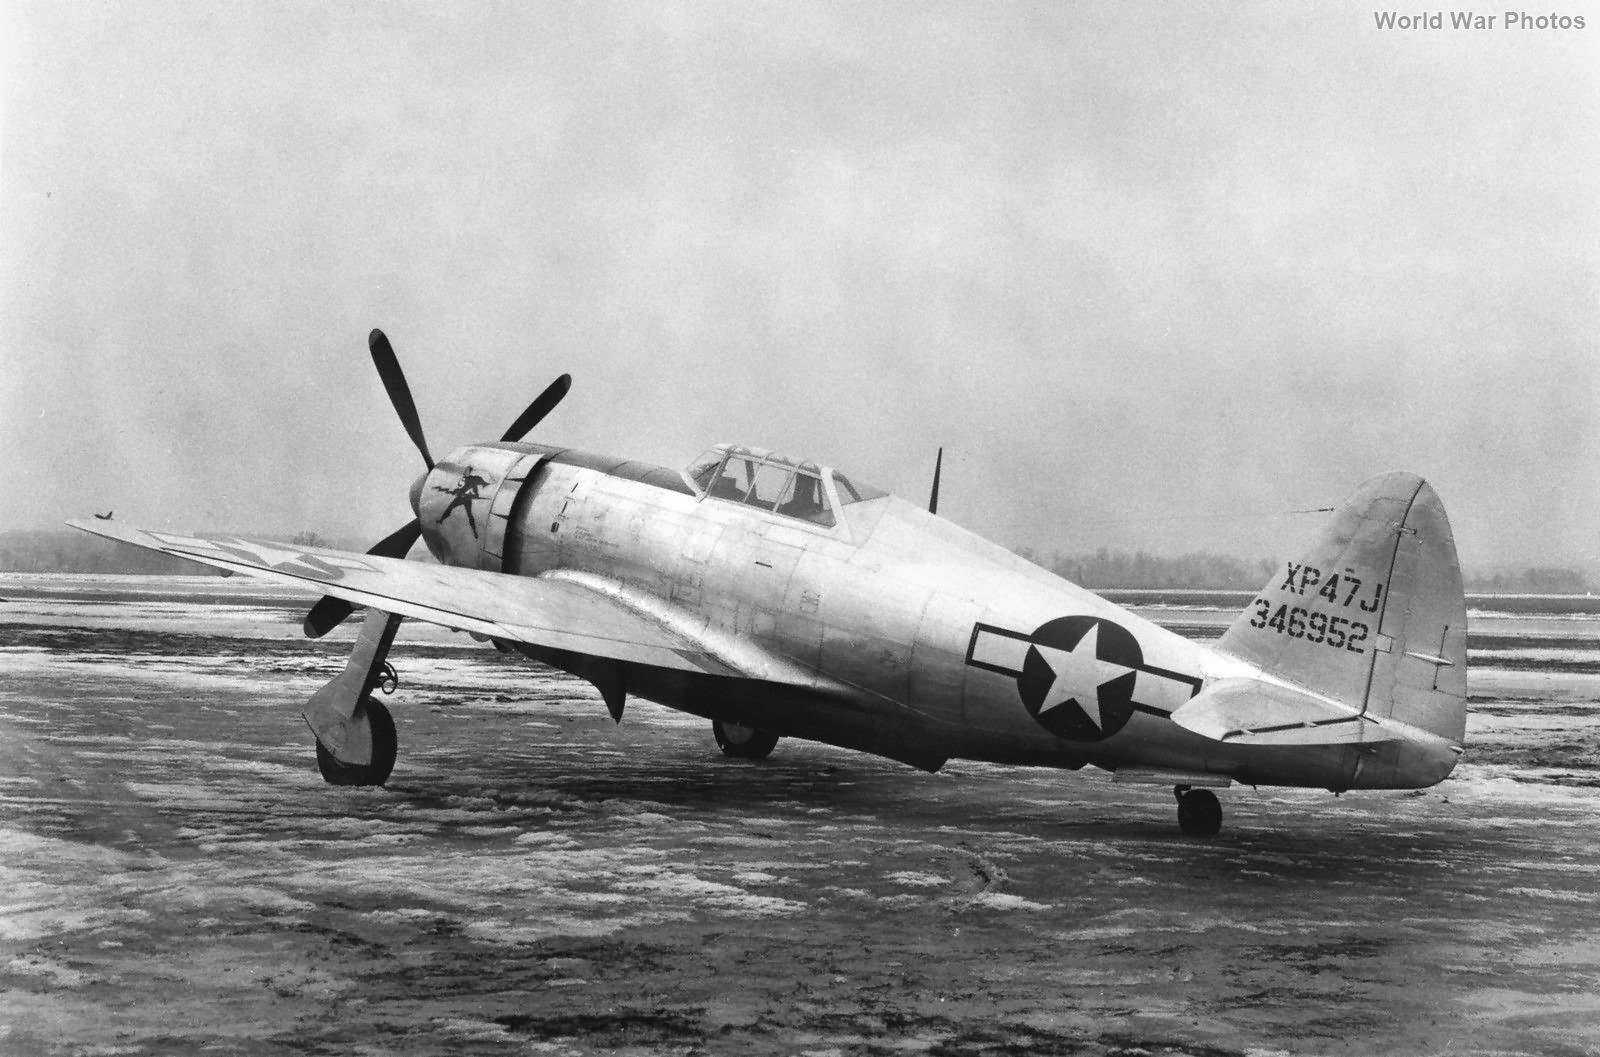 XP-47J 43-46952